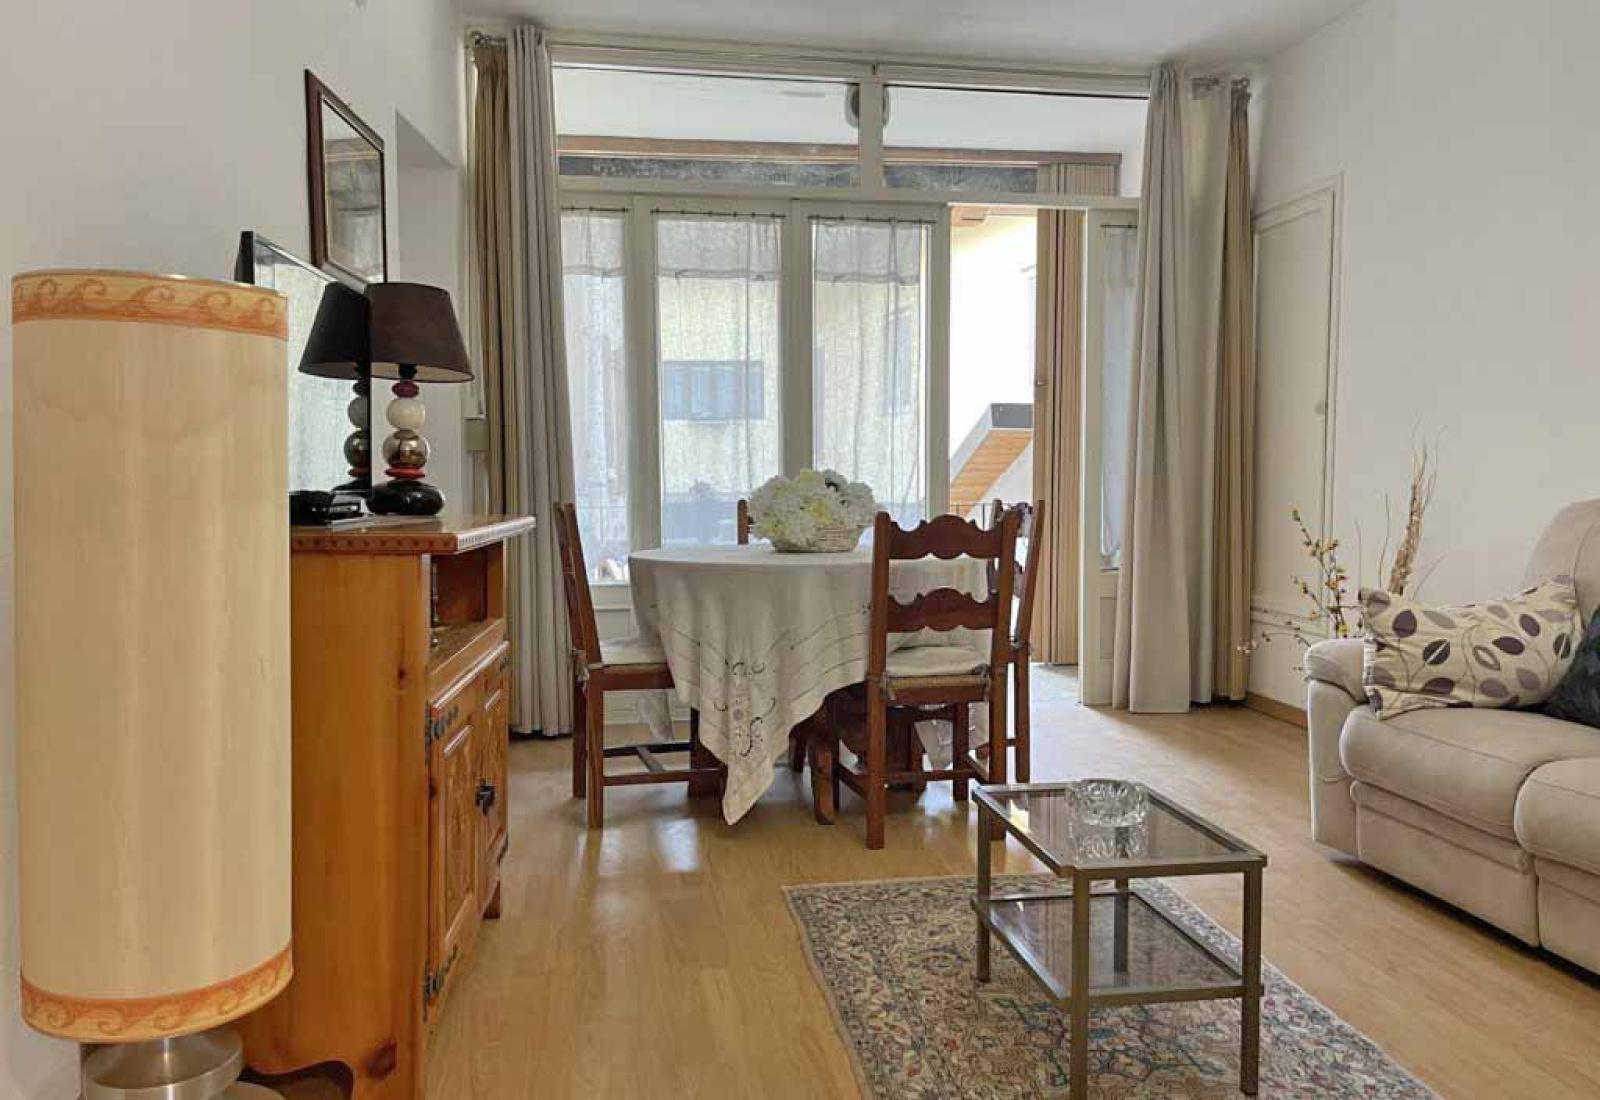 1 Piazza San Sebastiano, DRONERO, 12025, 2 Stanze da Letto Stanze da Letto, ,Appartamento,In vendita,Piazza San Sebastiano,1105